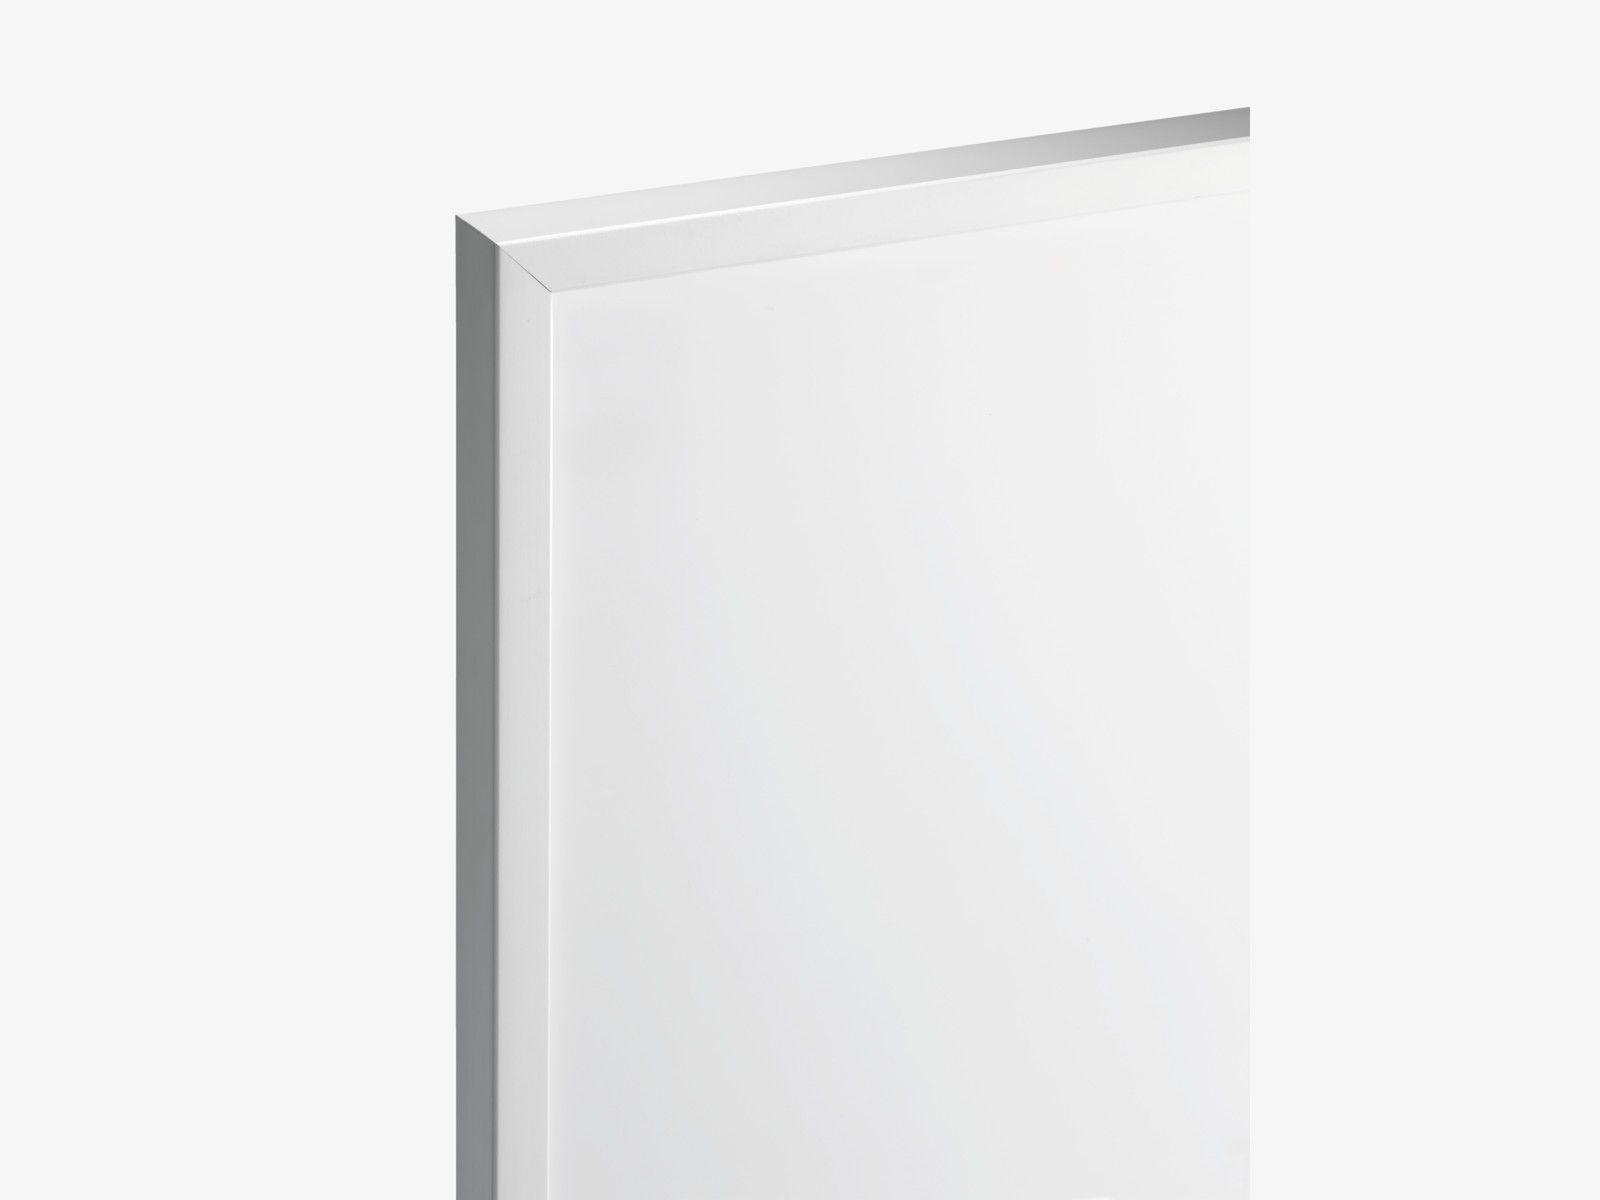 White Birch Whites Wood 40 X 50cm 16 X 20 White Picture Frame